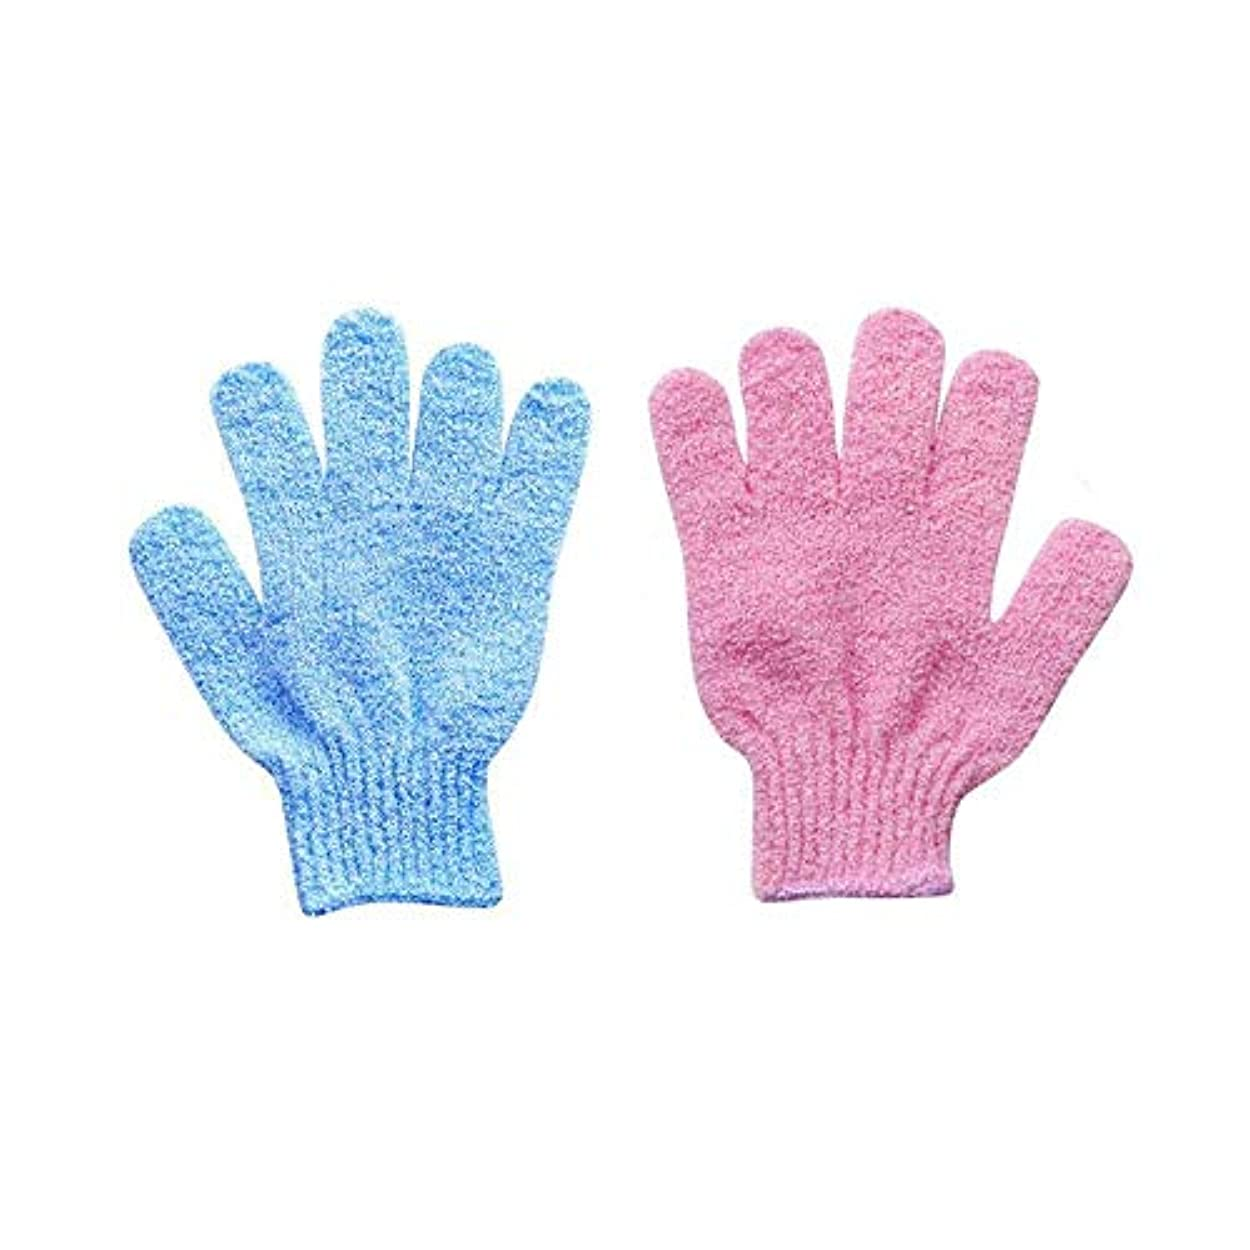 暴力的なアラバママラソンお風呂手袋 五本指 シャワーグローブ 泡立ち 柔らかい 入浴用品 角質除去 垢すり 2PCS